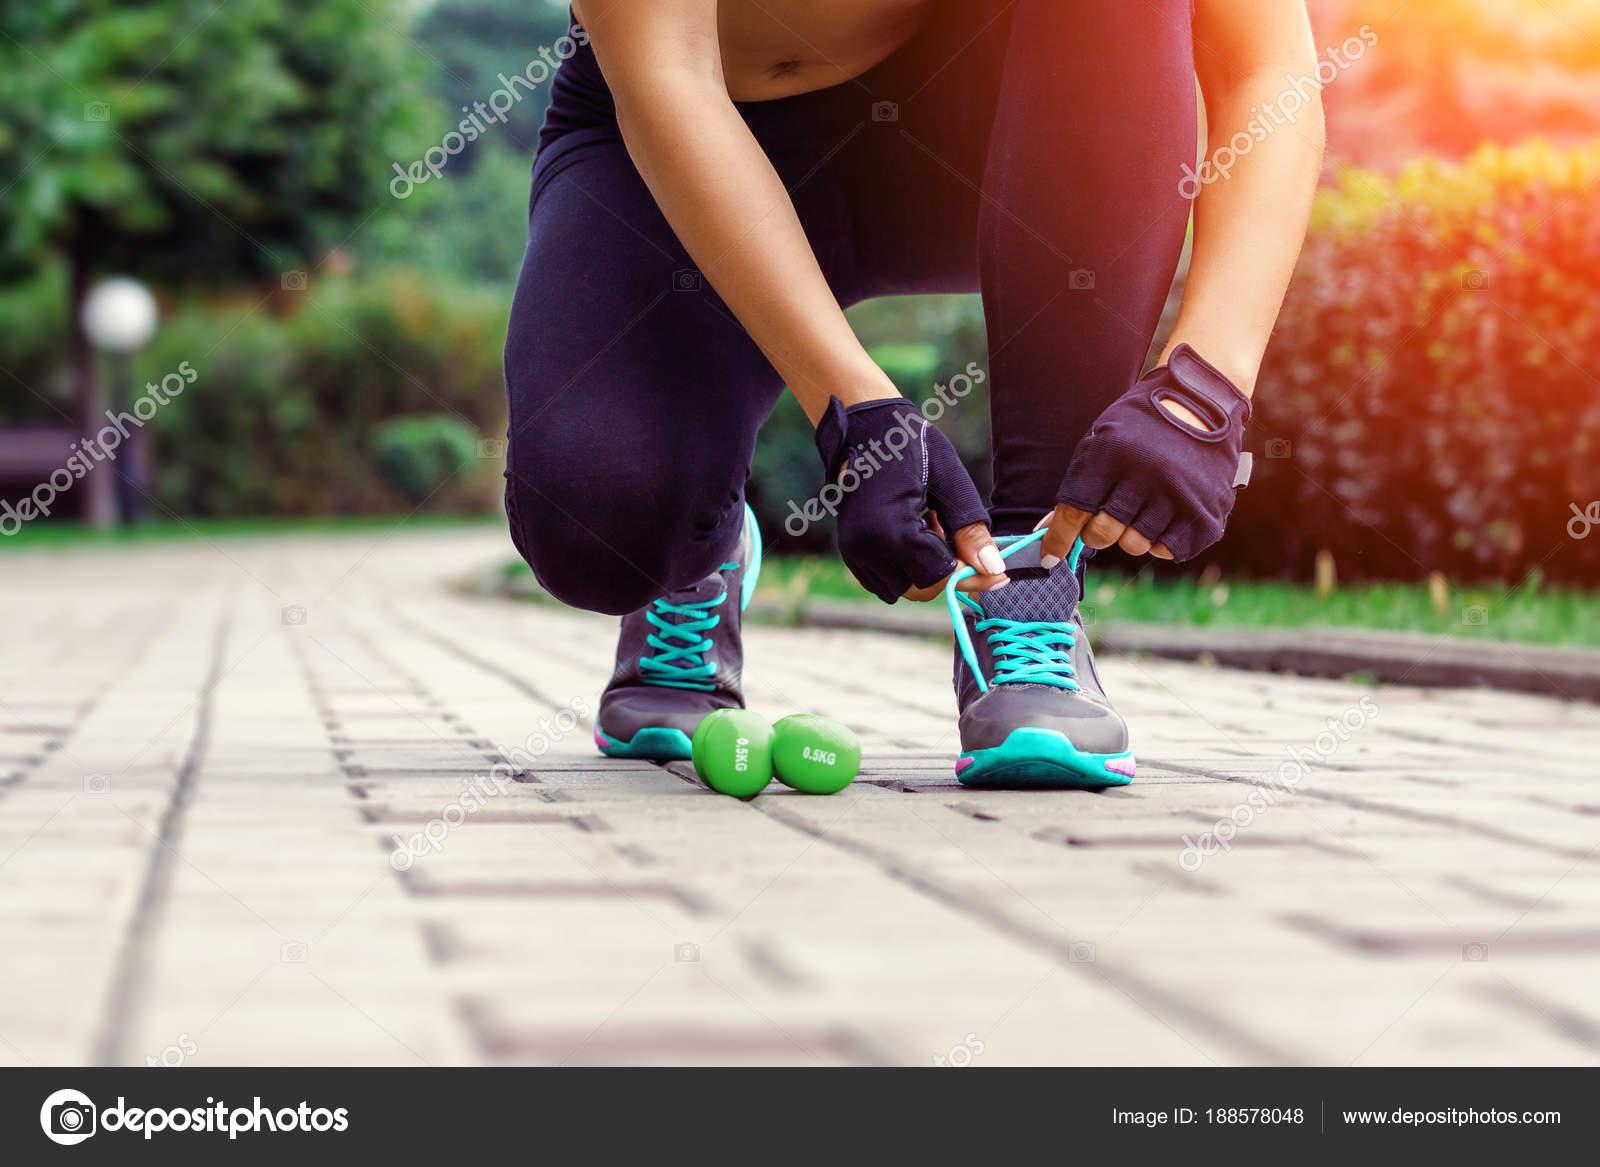 Frau Läufer Binden Sportschuhe. Gehen Oder Laufen Die Beine